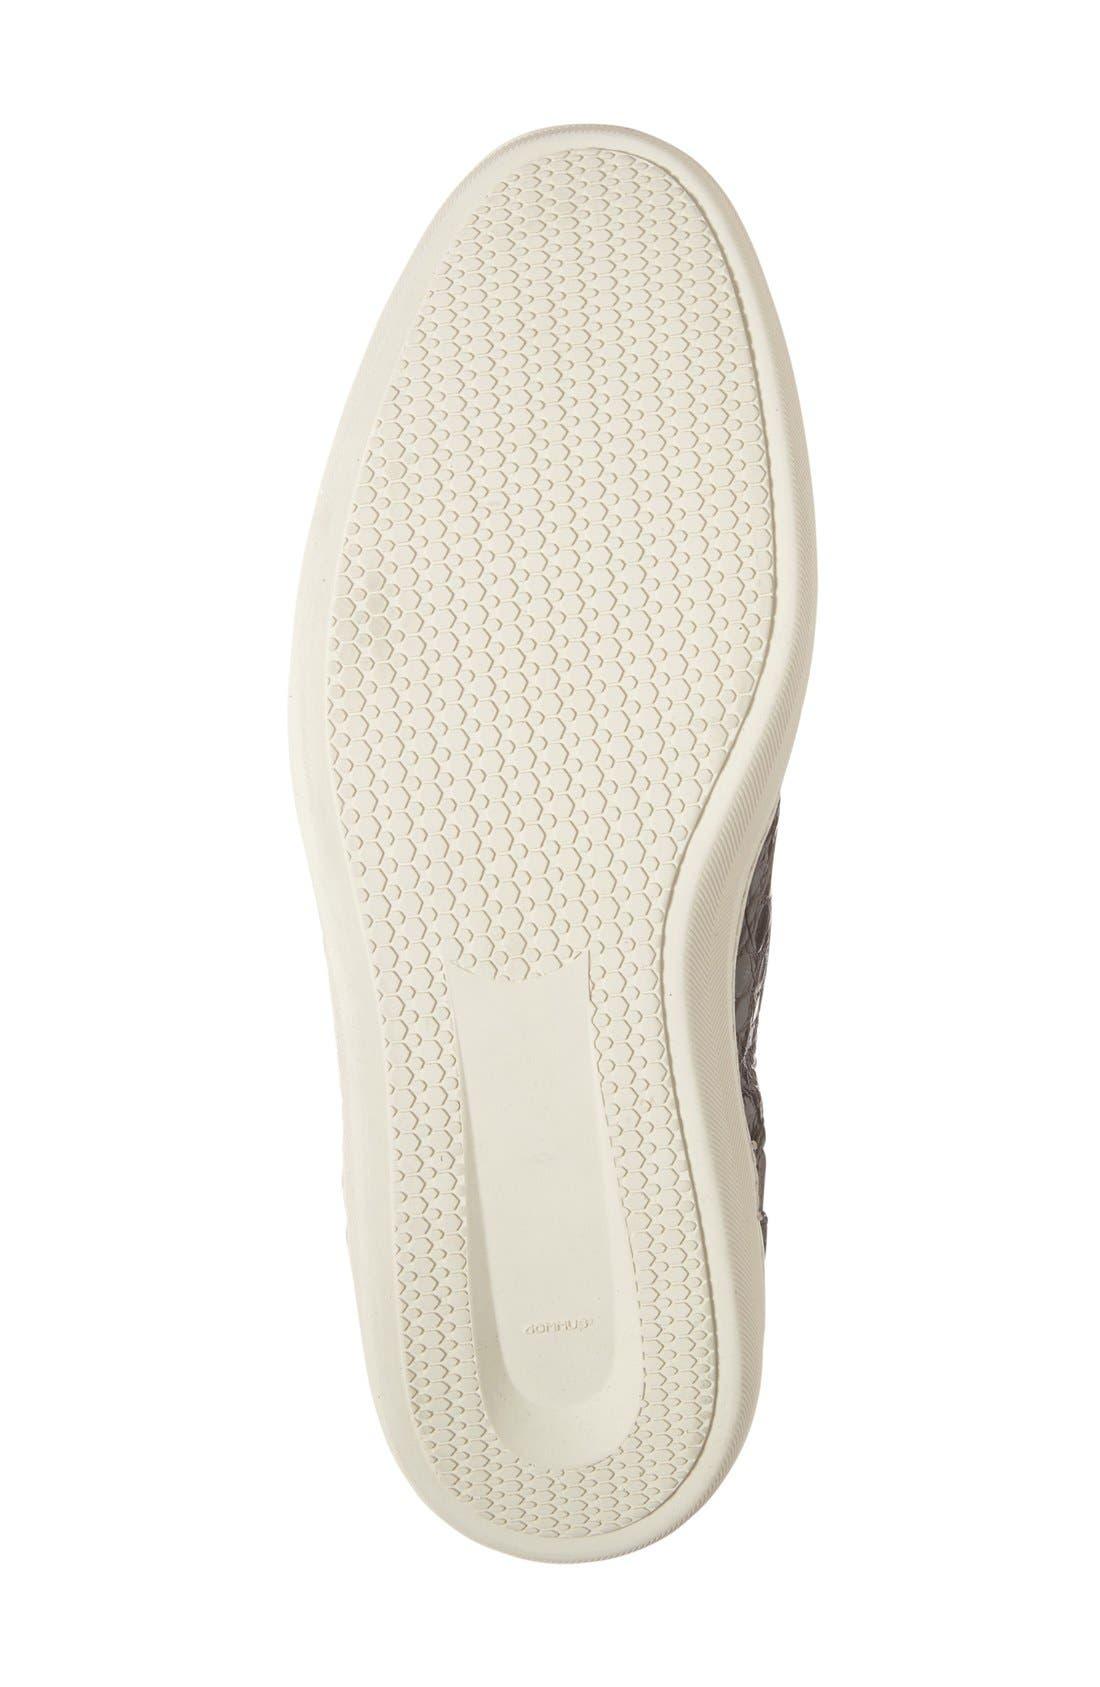 'Emmanuel' Slip-on Sneaker,                             Alternate thumbnail 11, color,